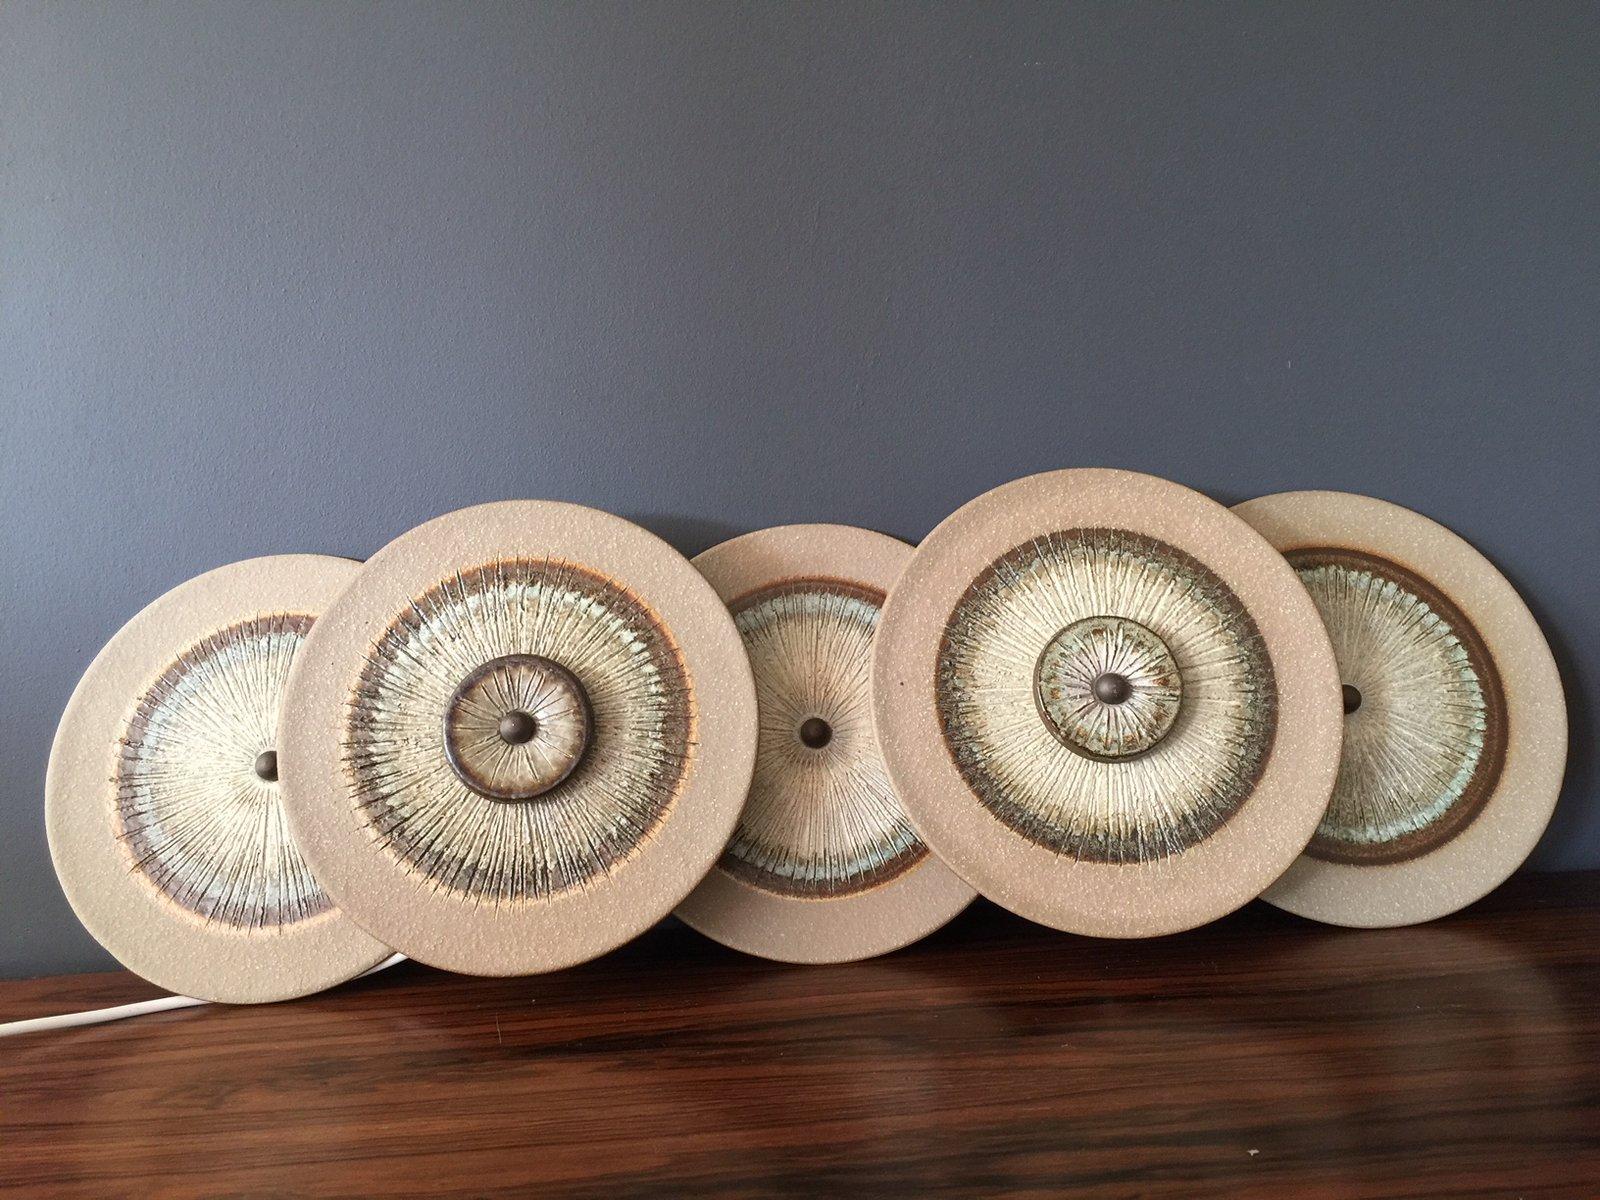 Wandleuchte mit 5 Keramikscheiben von Noomi Backhausen & Poul Brandbor...